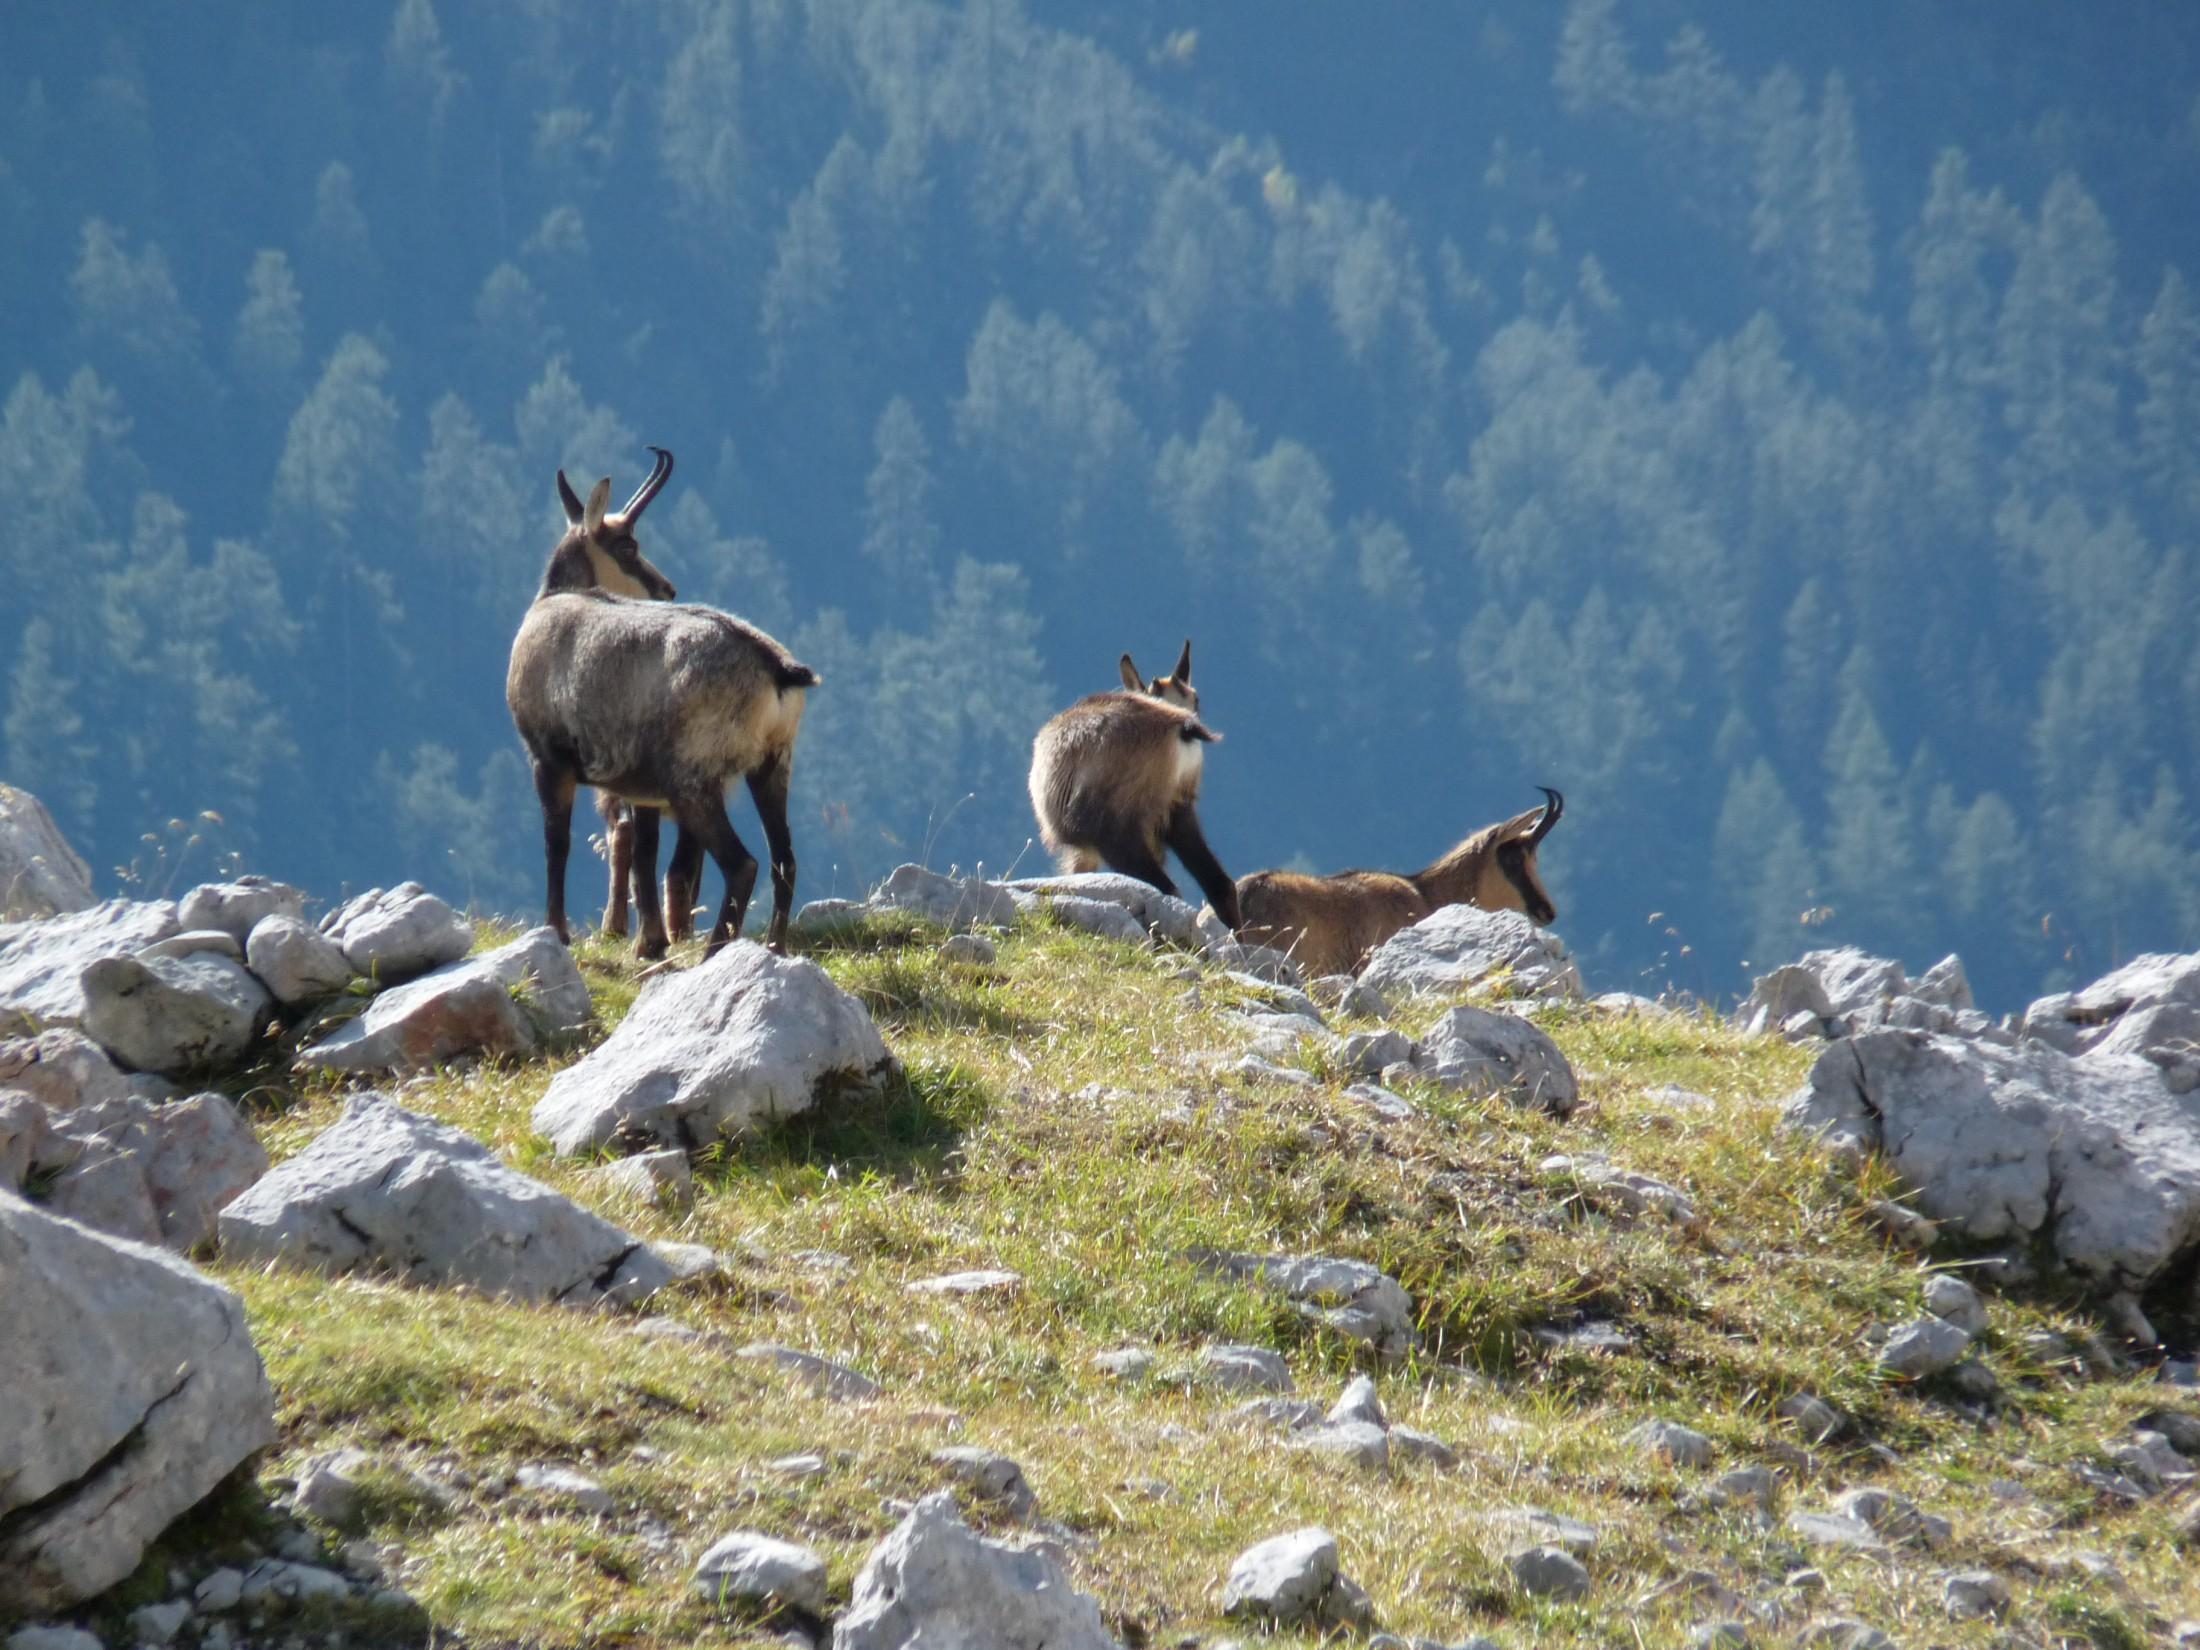 Klettersteig Set Leihen Berchtesgaden : Alpincenter berchtesgaden alpinhotel skischule skitourenpark